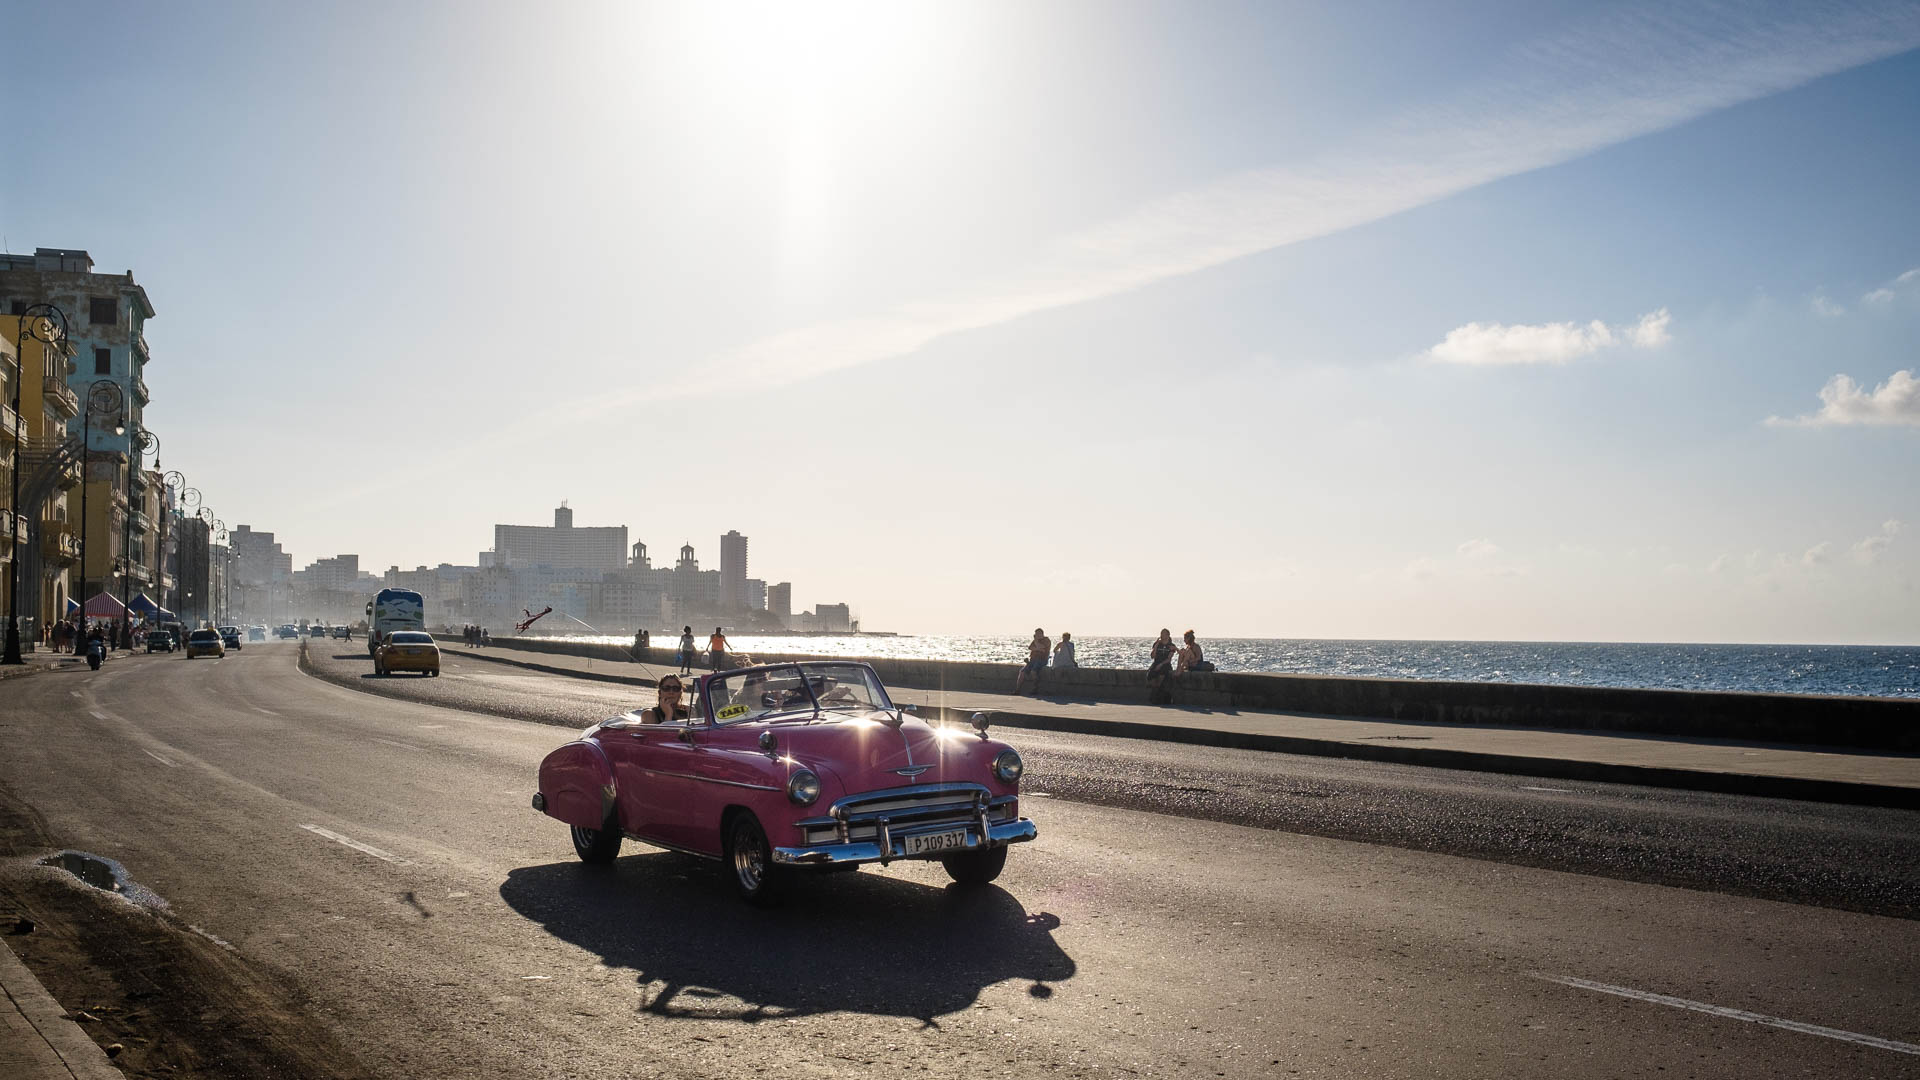 180501-Havana-375-1080.jpg